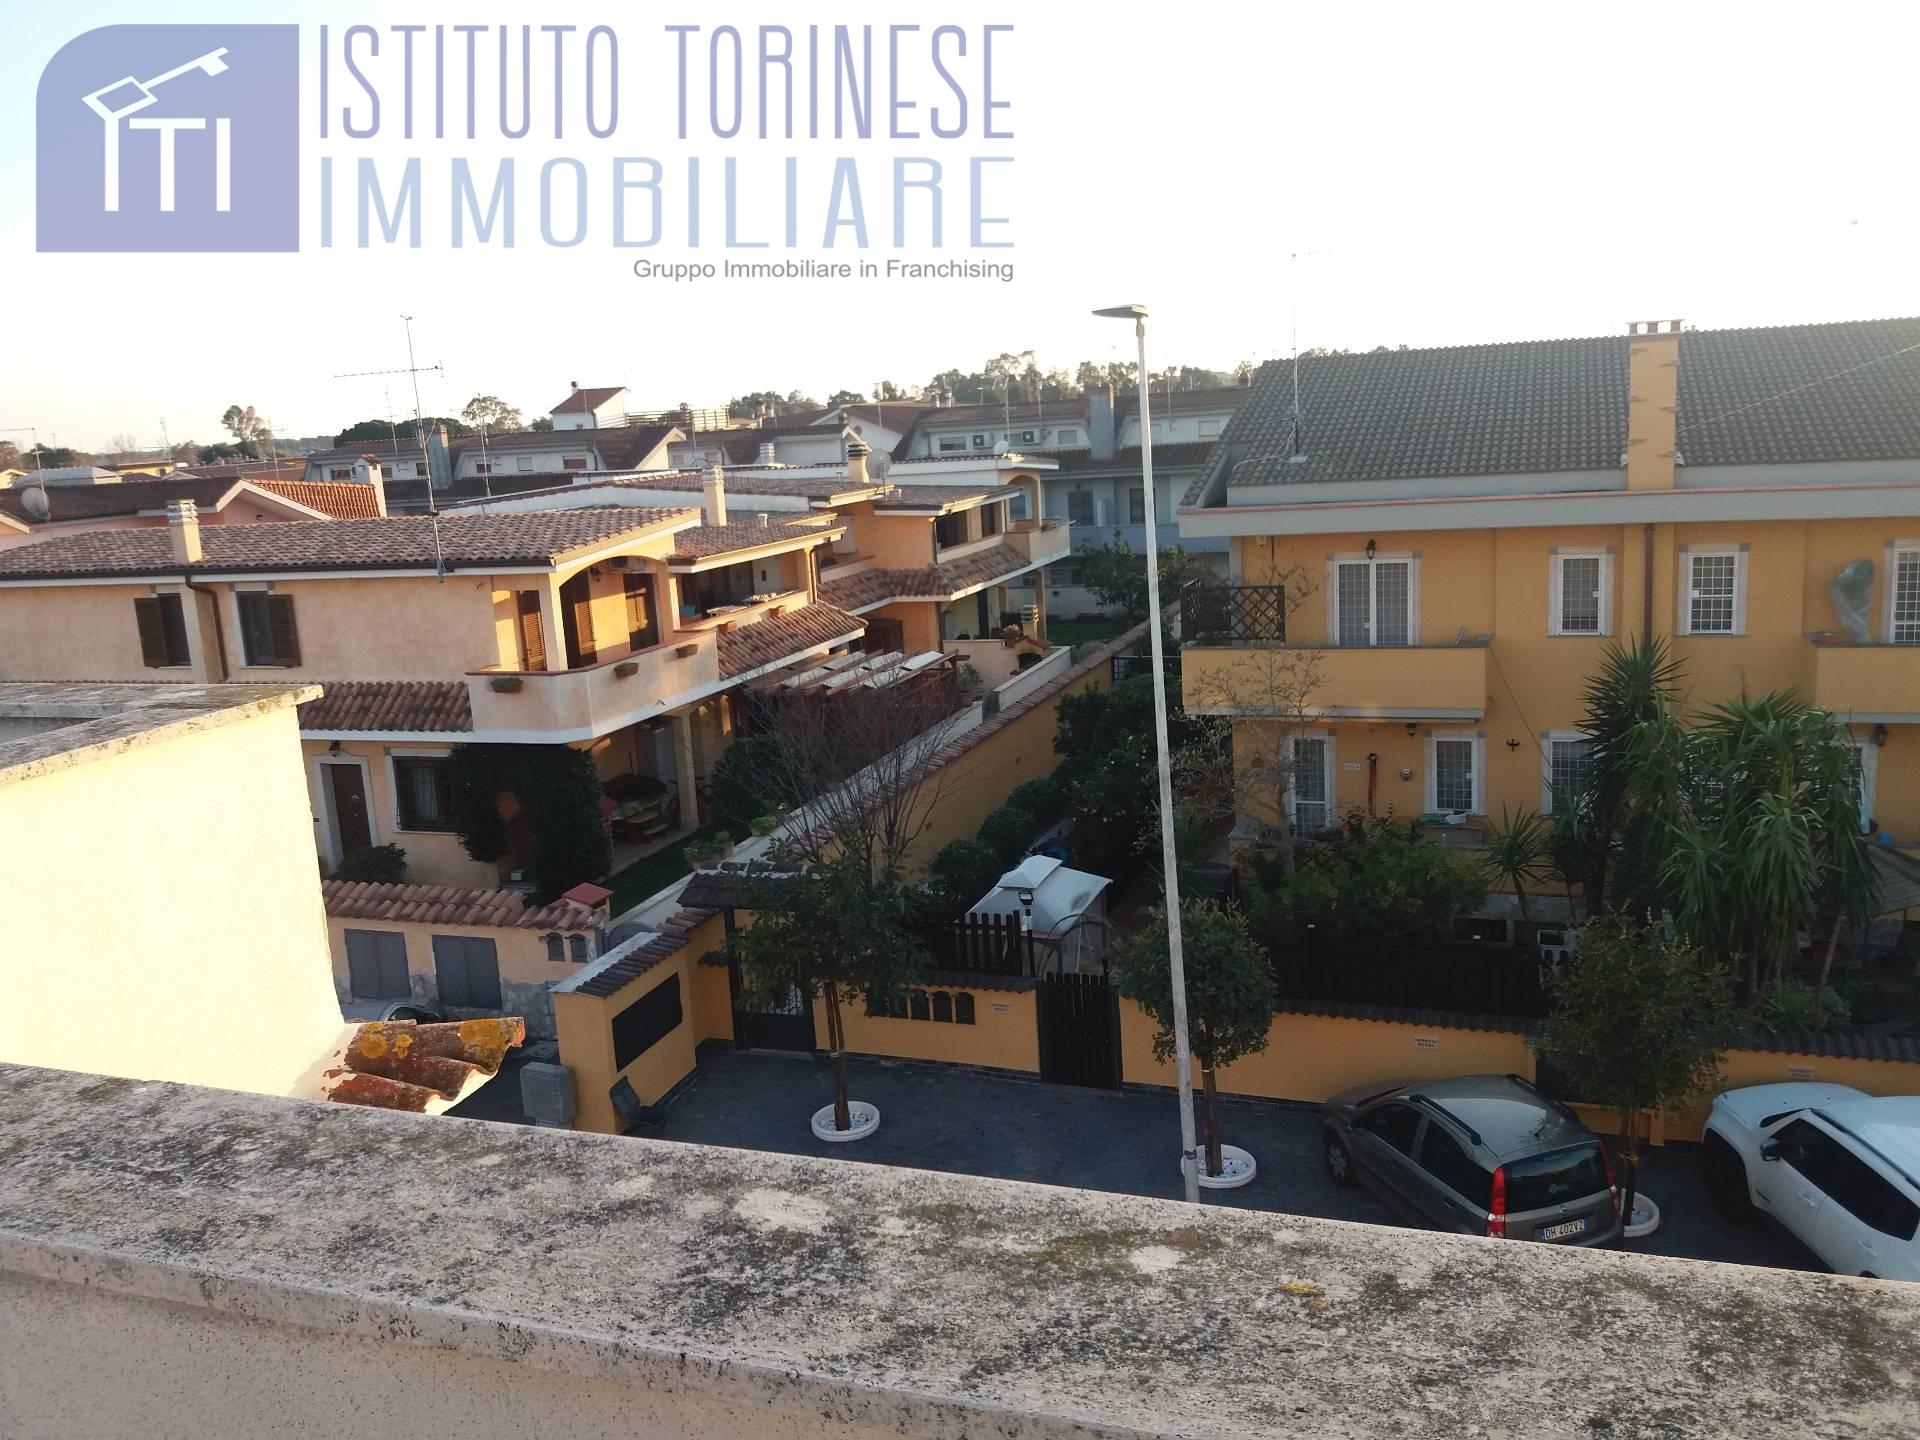 Appartamento in vendita a Pomezia, 3 locali, zona Località: MartinPescatore, prezzo € 149.000 | CambioCasa.it